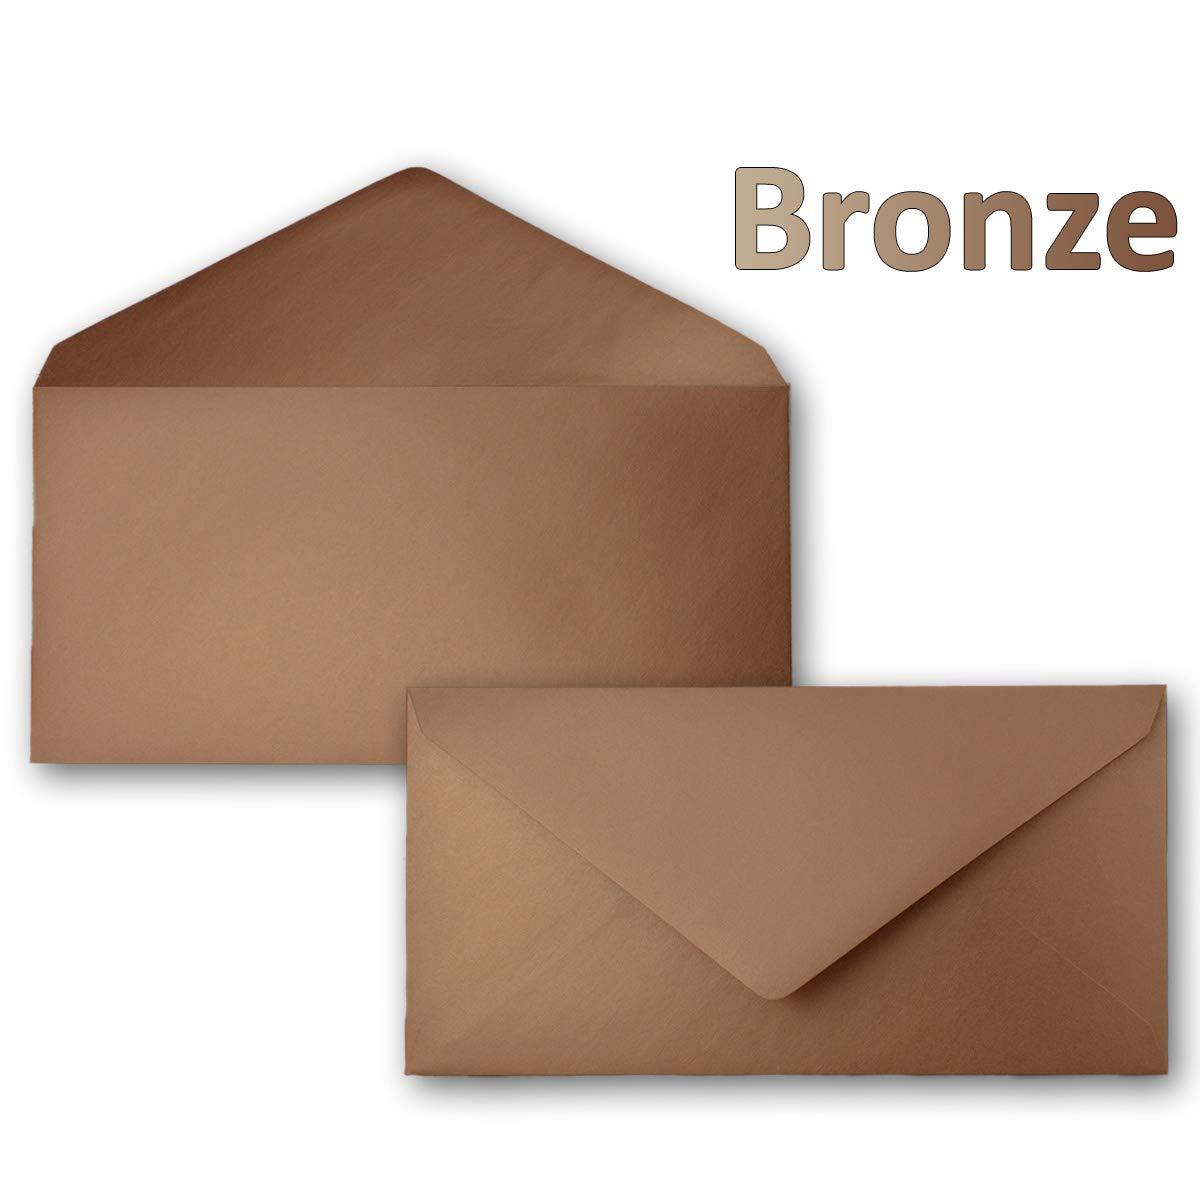 250 Brief-Umschläge Bronze Metallic DIN Lang - - - 110 x 220 mm (11 x 22 cm) - Nassklebung ohne Fenster - Ideal für Einladungs-Karten - Serie FarbenFroh® B079DQ92BF   Vorzugspreis  e7f546